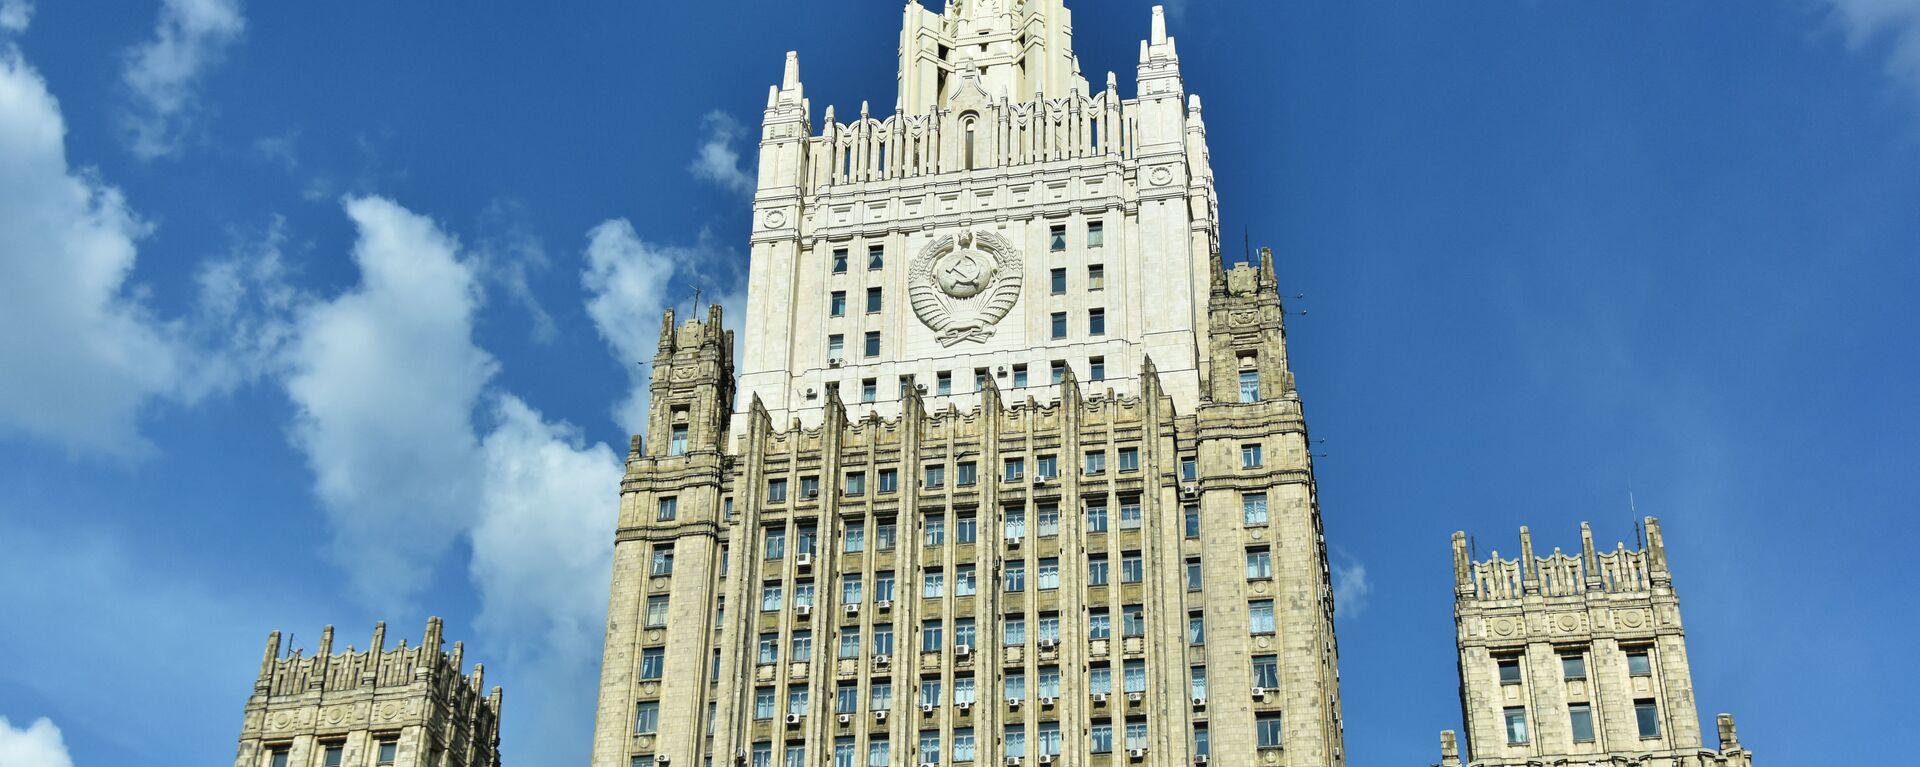 Ministerio de Asuntos Exteriores de Rusia - Sputnik Mundo, 1920, 09.02.2021